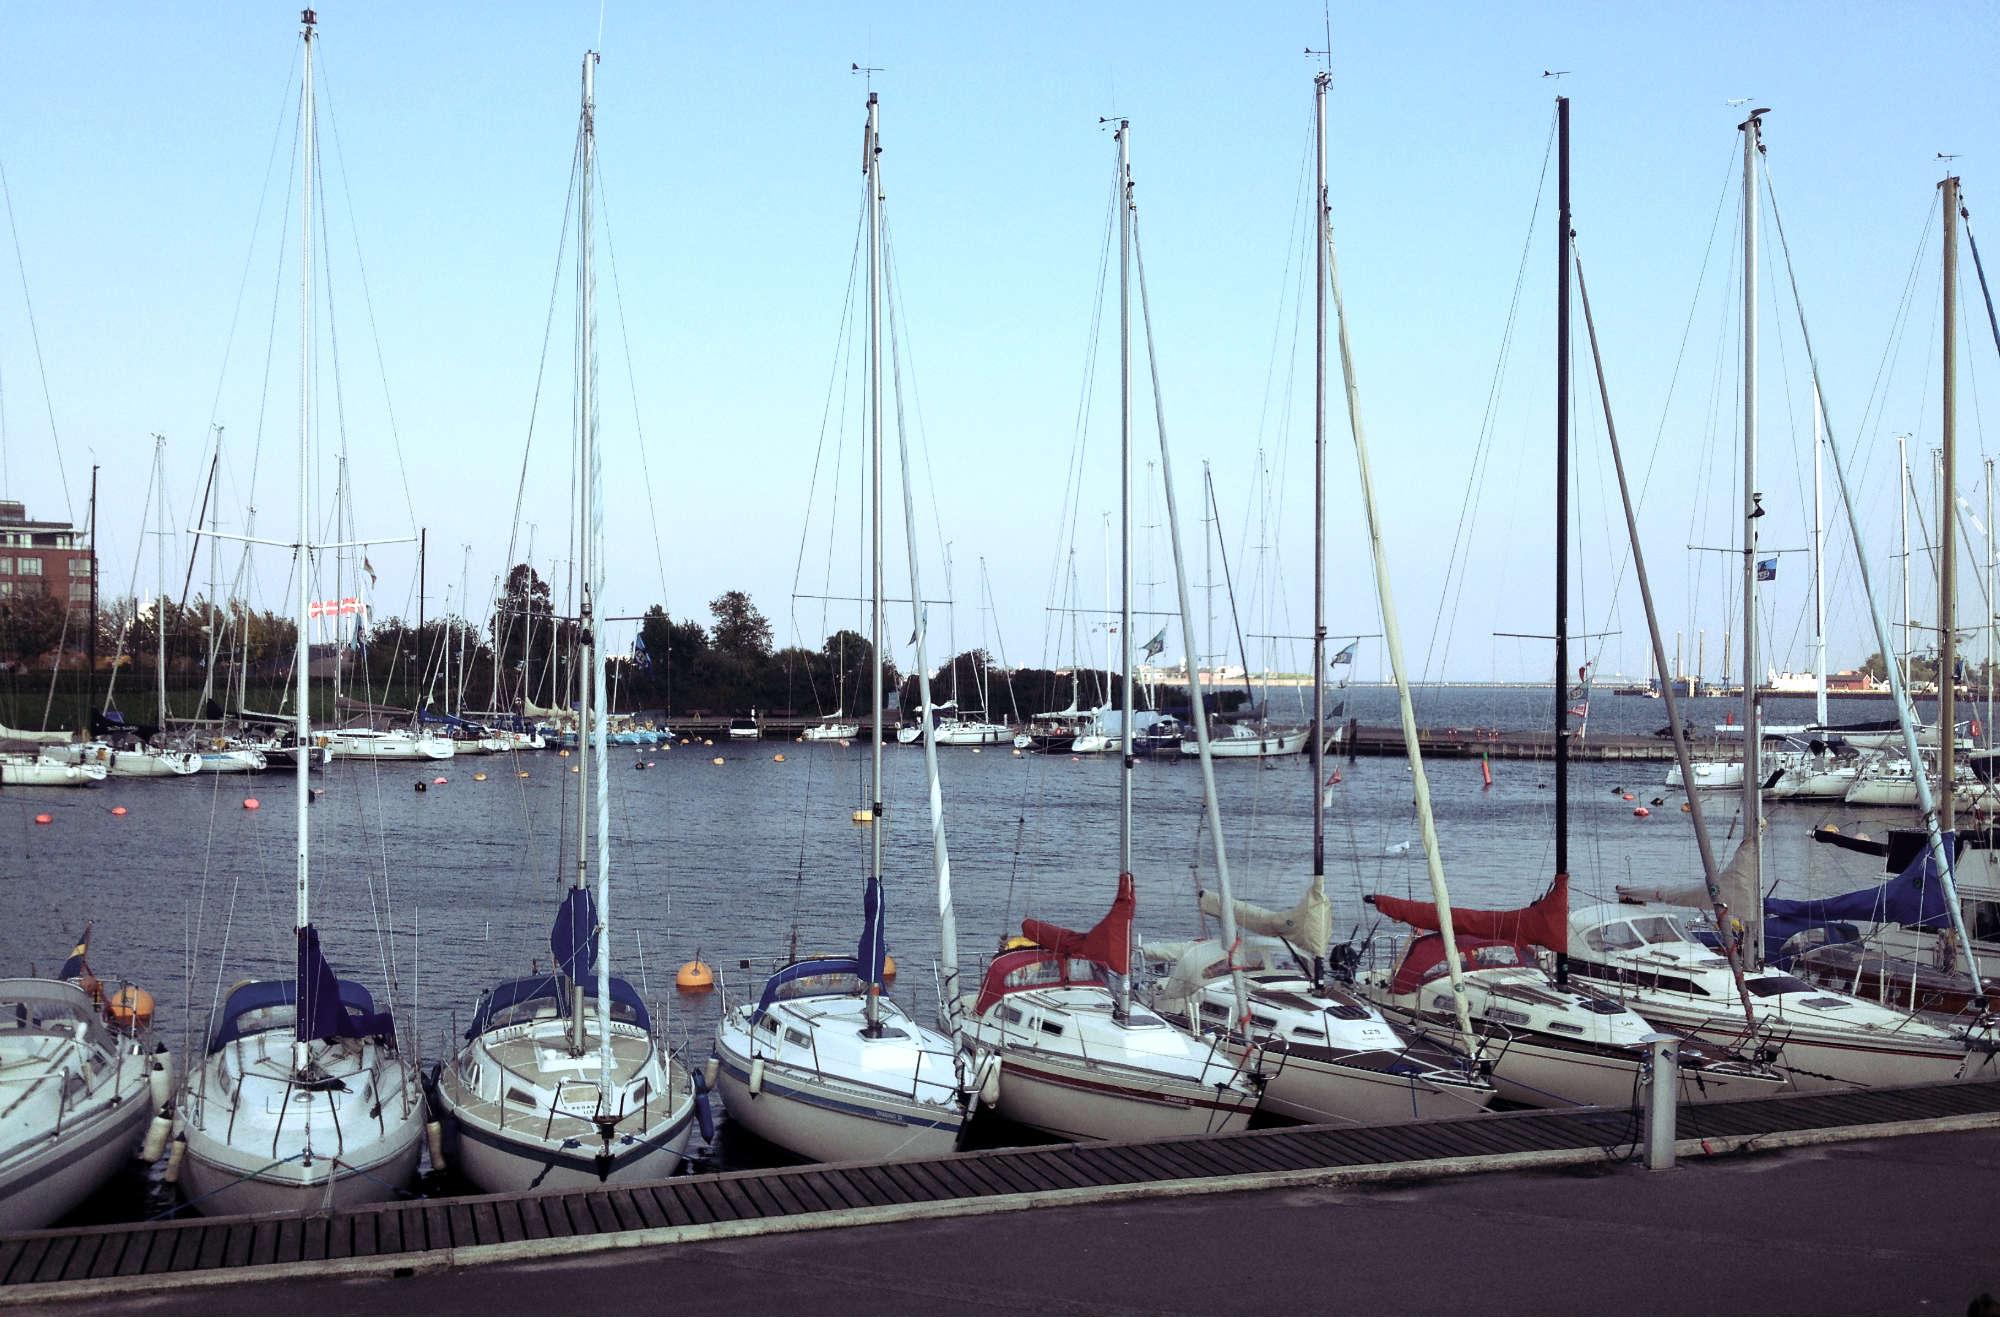 Copenhagen Sailboats on Harbour | Tall Girl Meets World